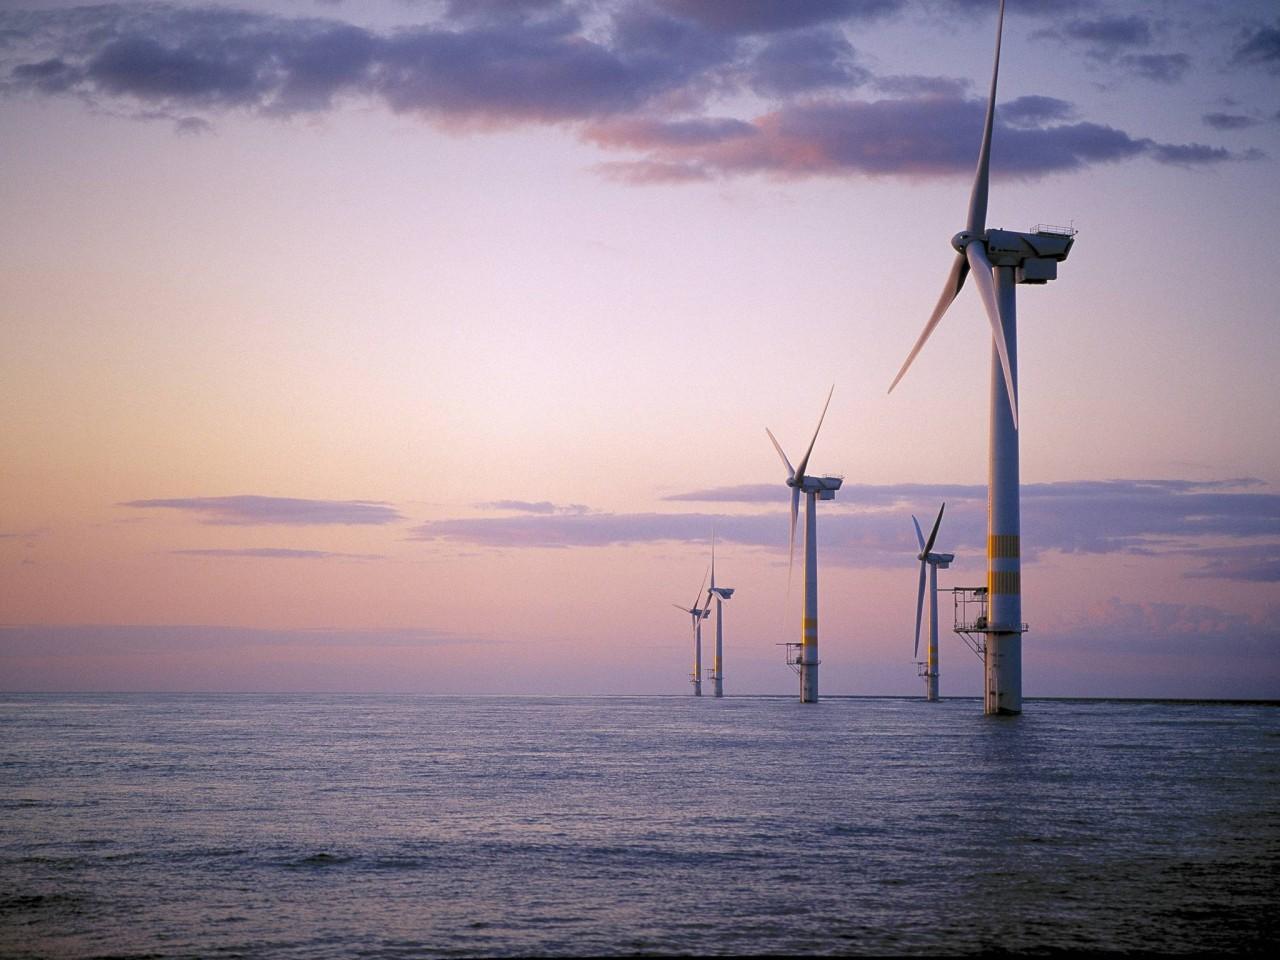 КНР предсказали взрывной рост объемов ветроэнергетики к 2030 году